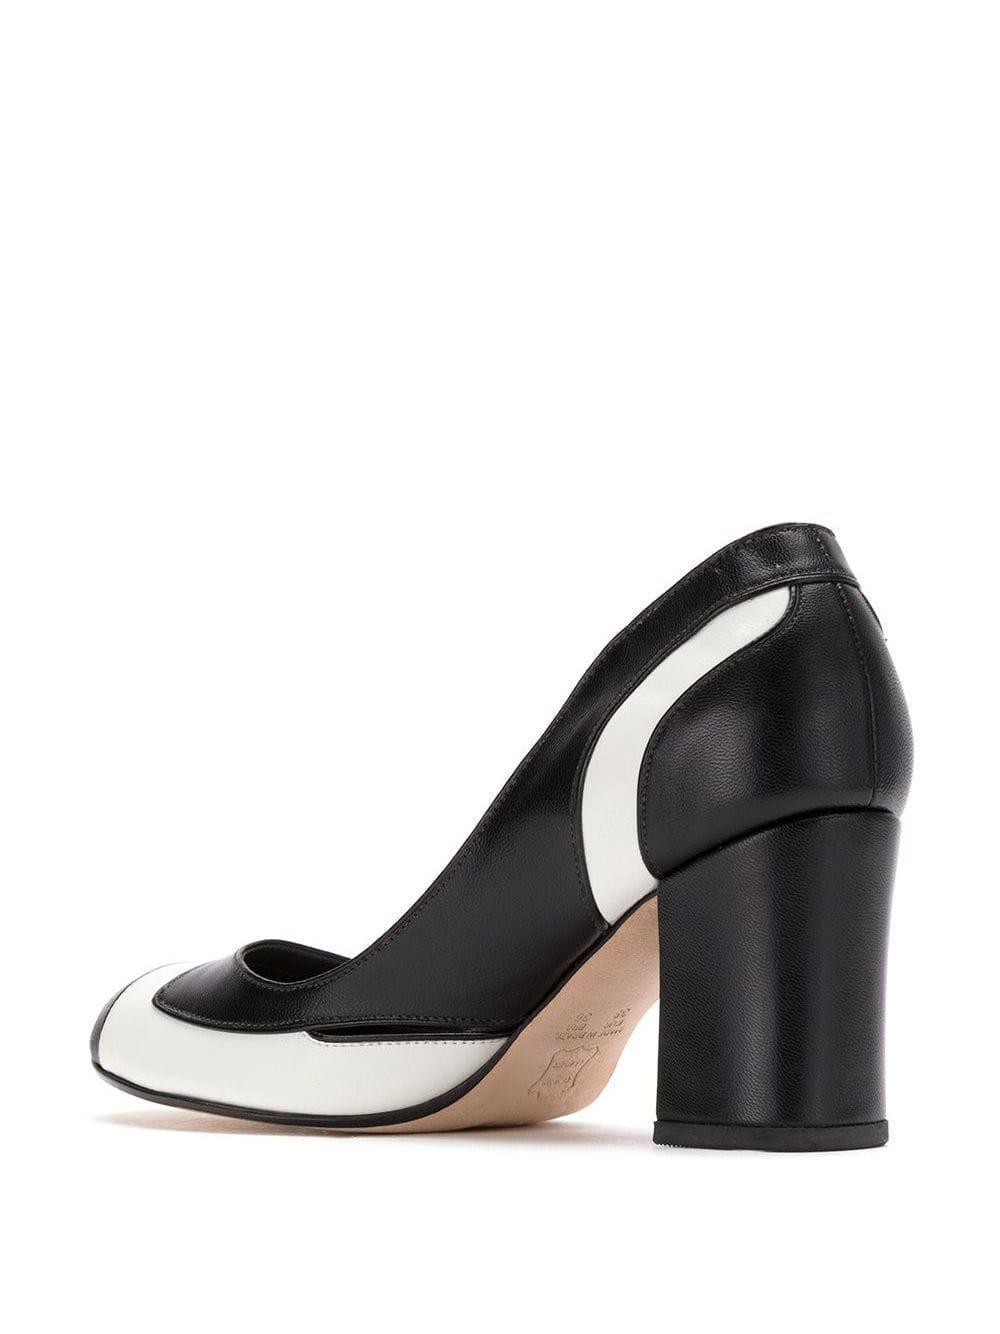 Zapatos de tacón de piel Sarah Chofakian de Cuero de color Negro